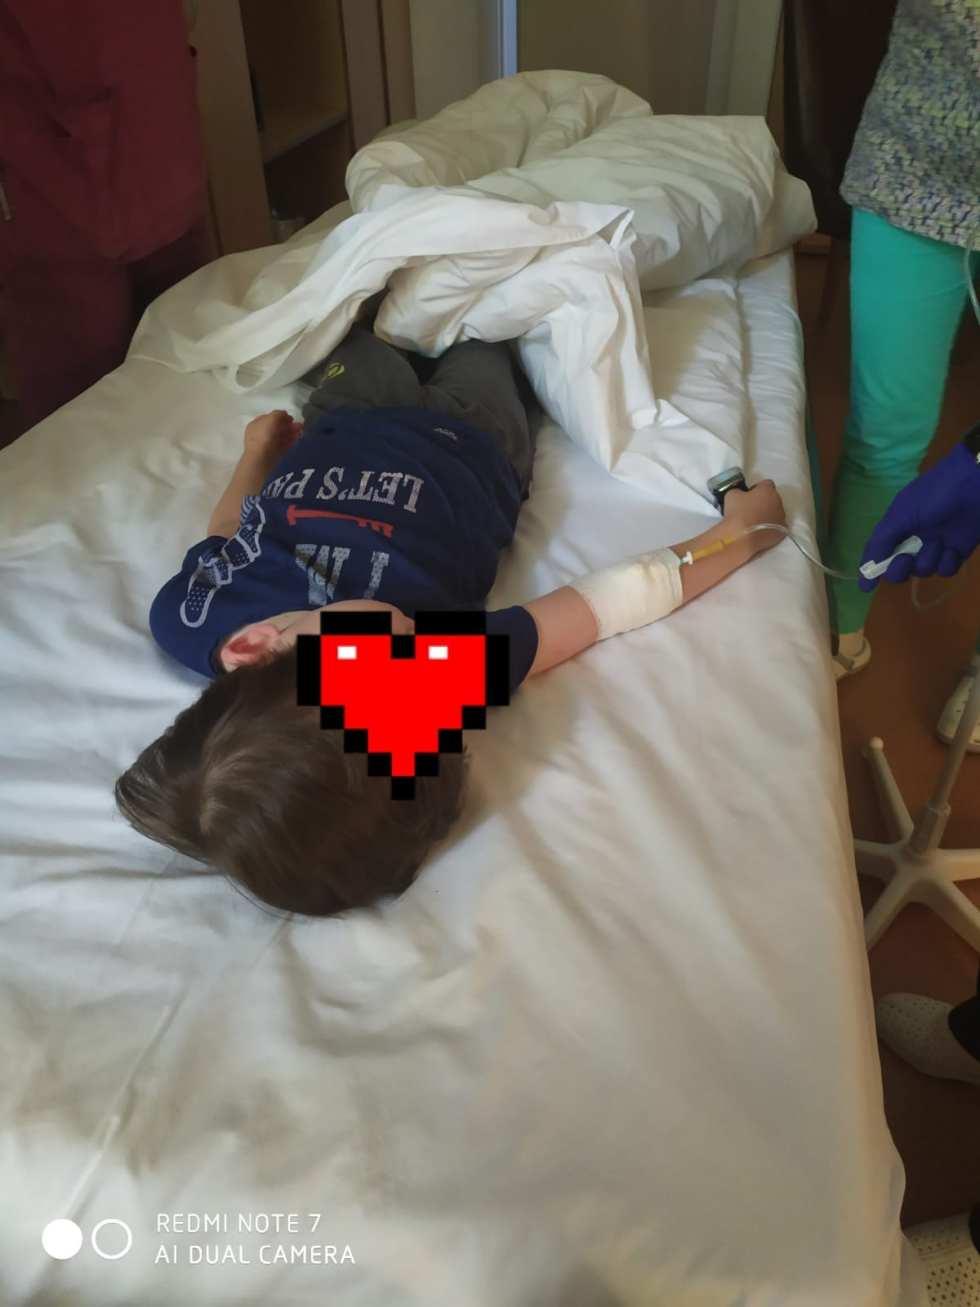 הפעם הראשונה שמקבל הילד טיפול תאי גזע לאוטיזם